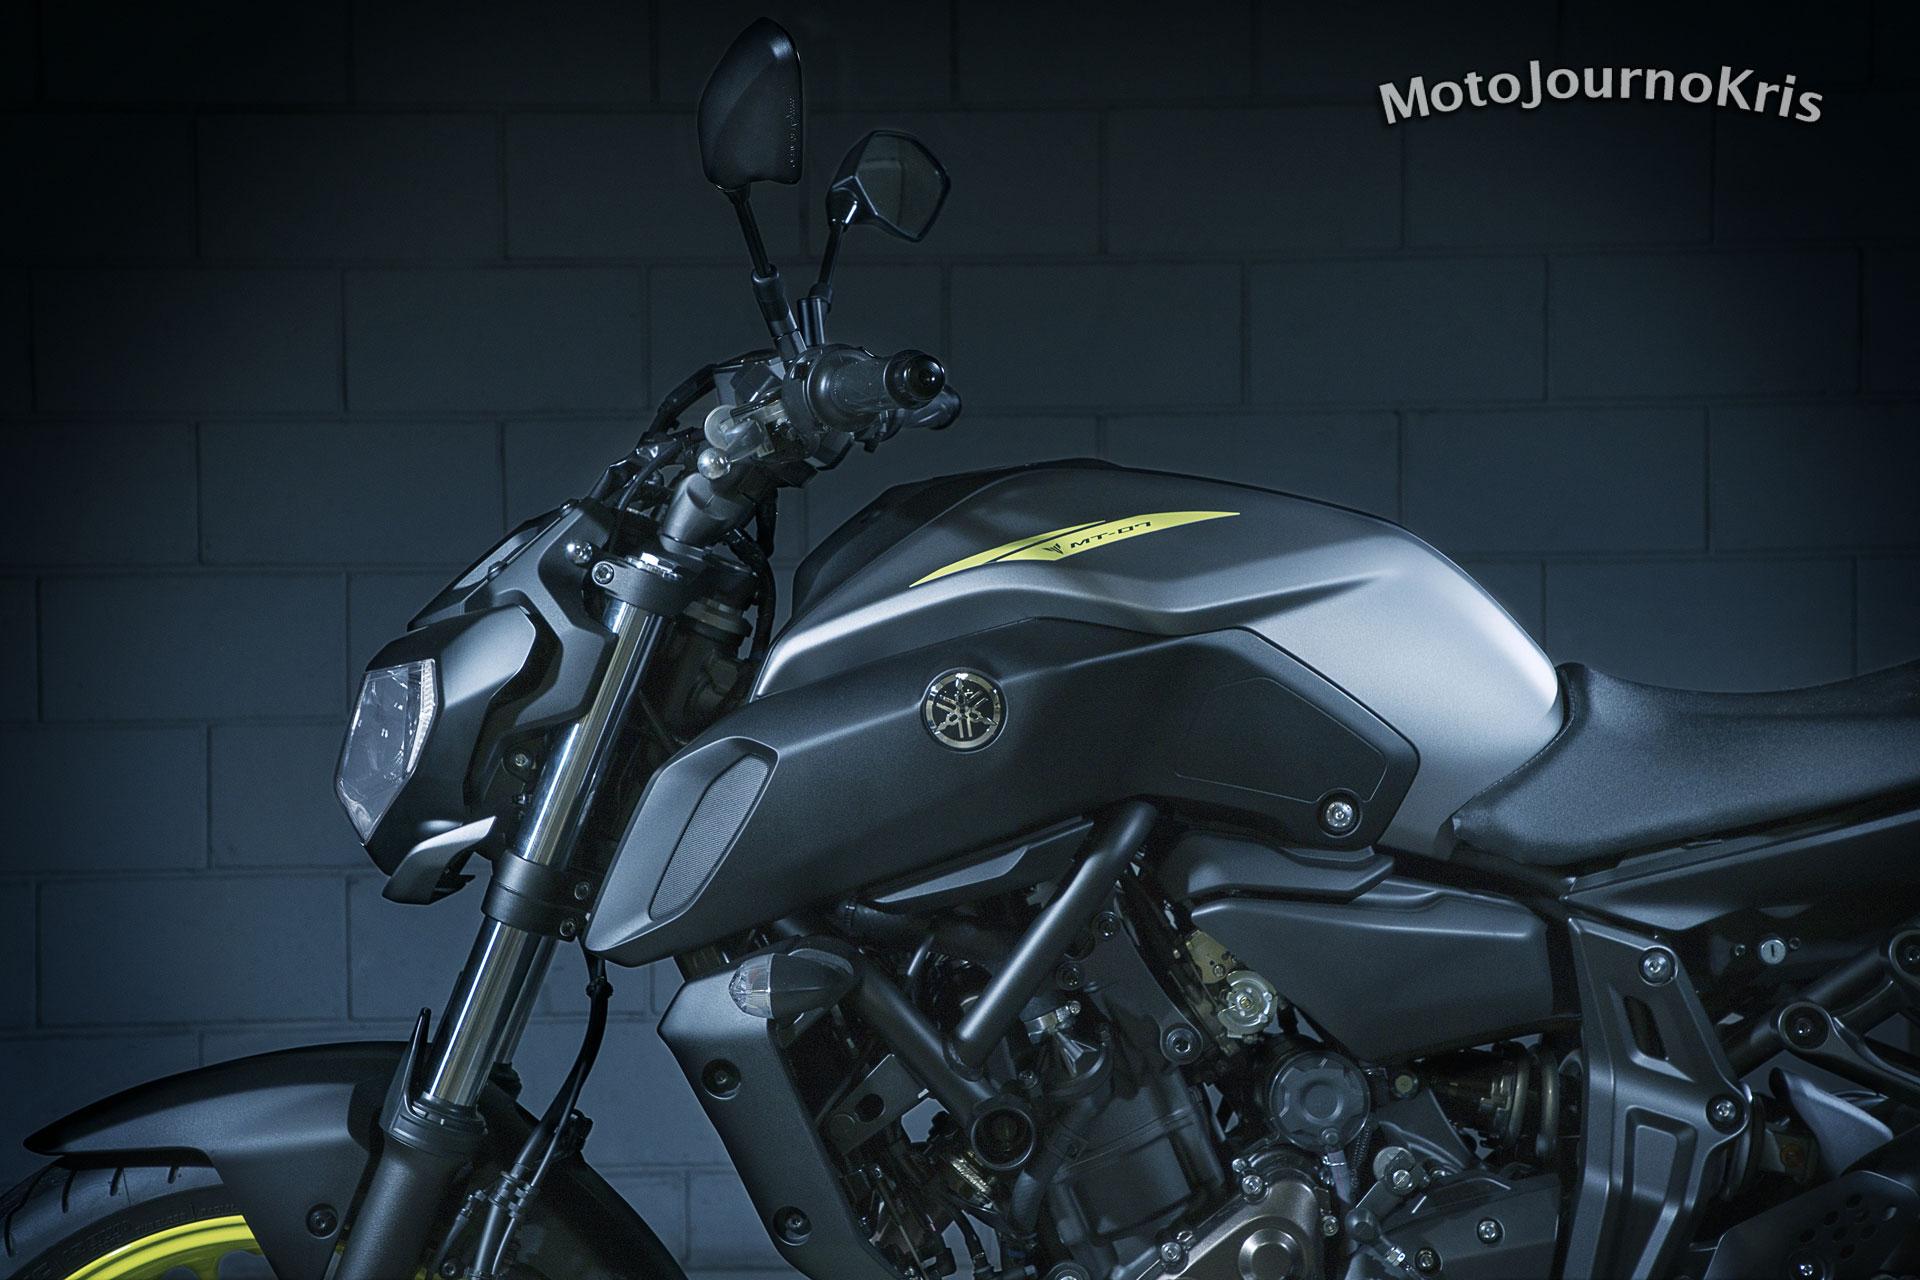 Yamaha's MT-07 nakedbike